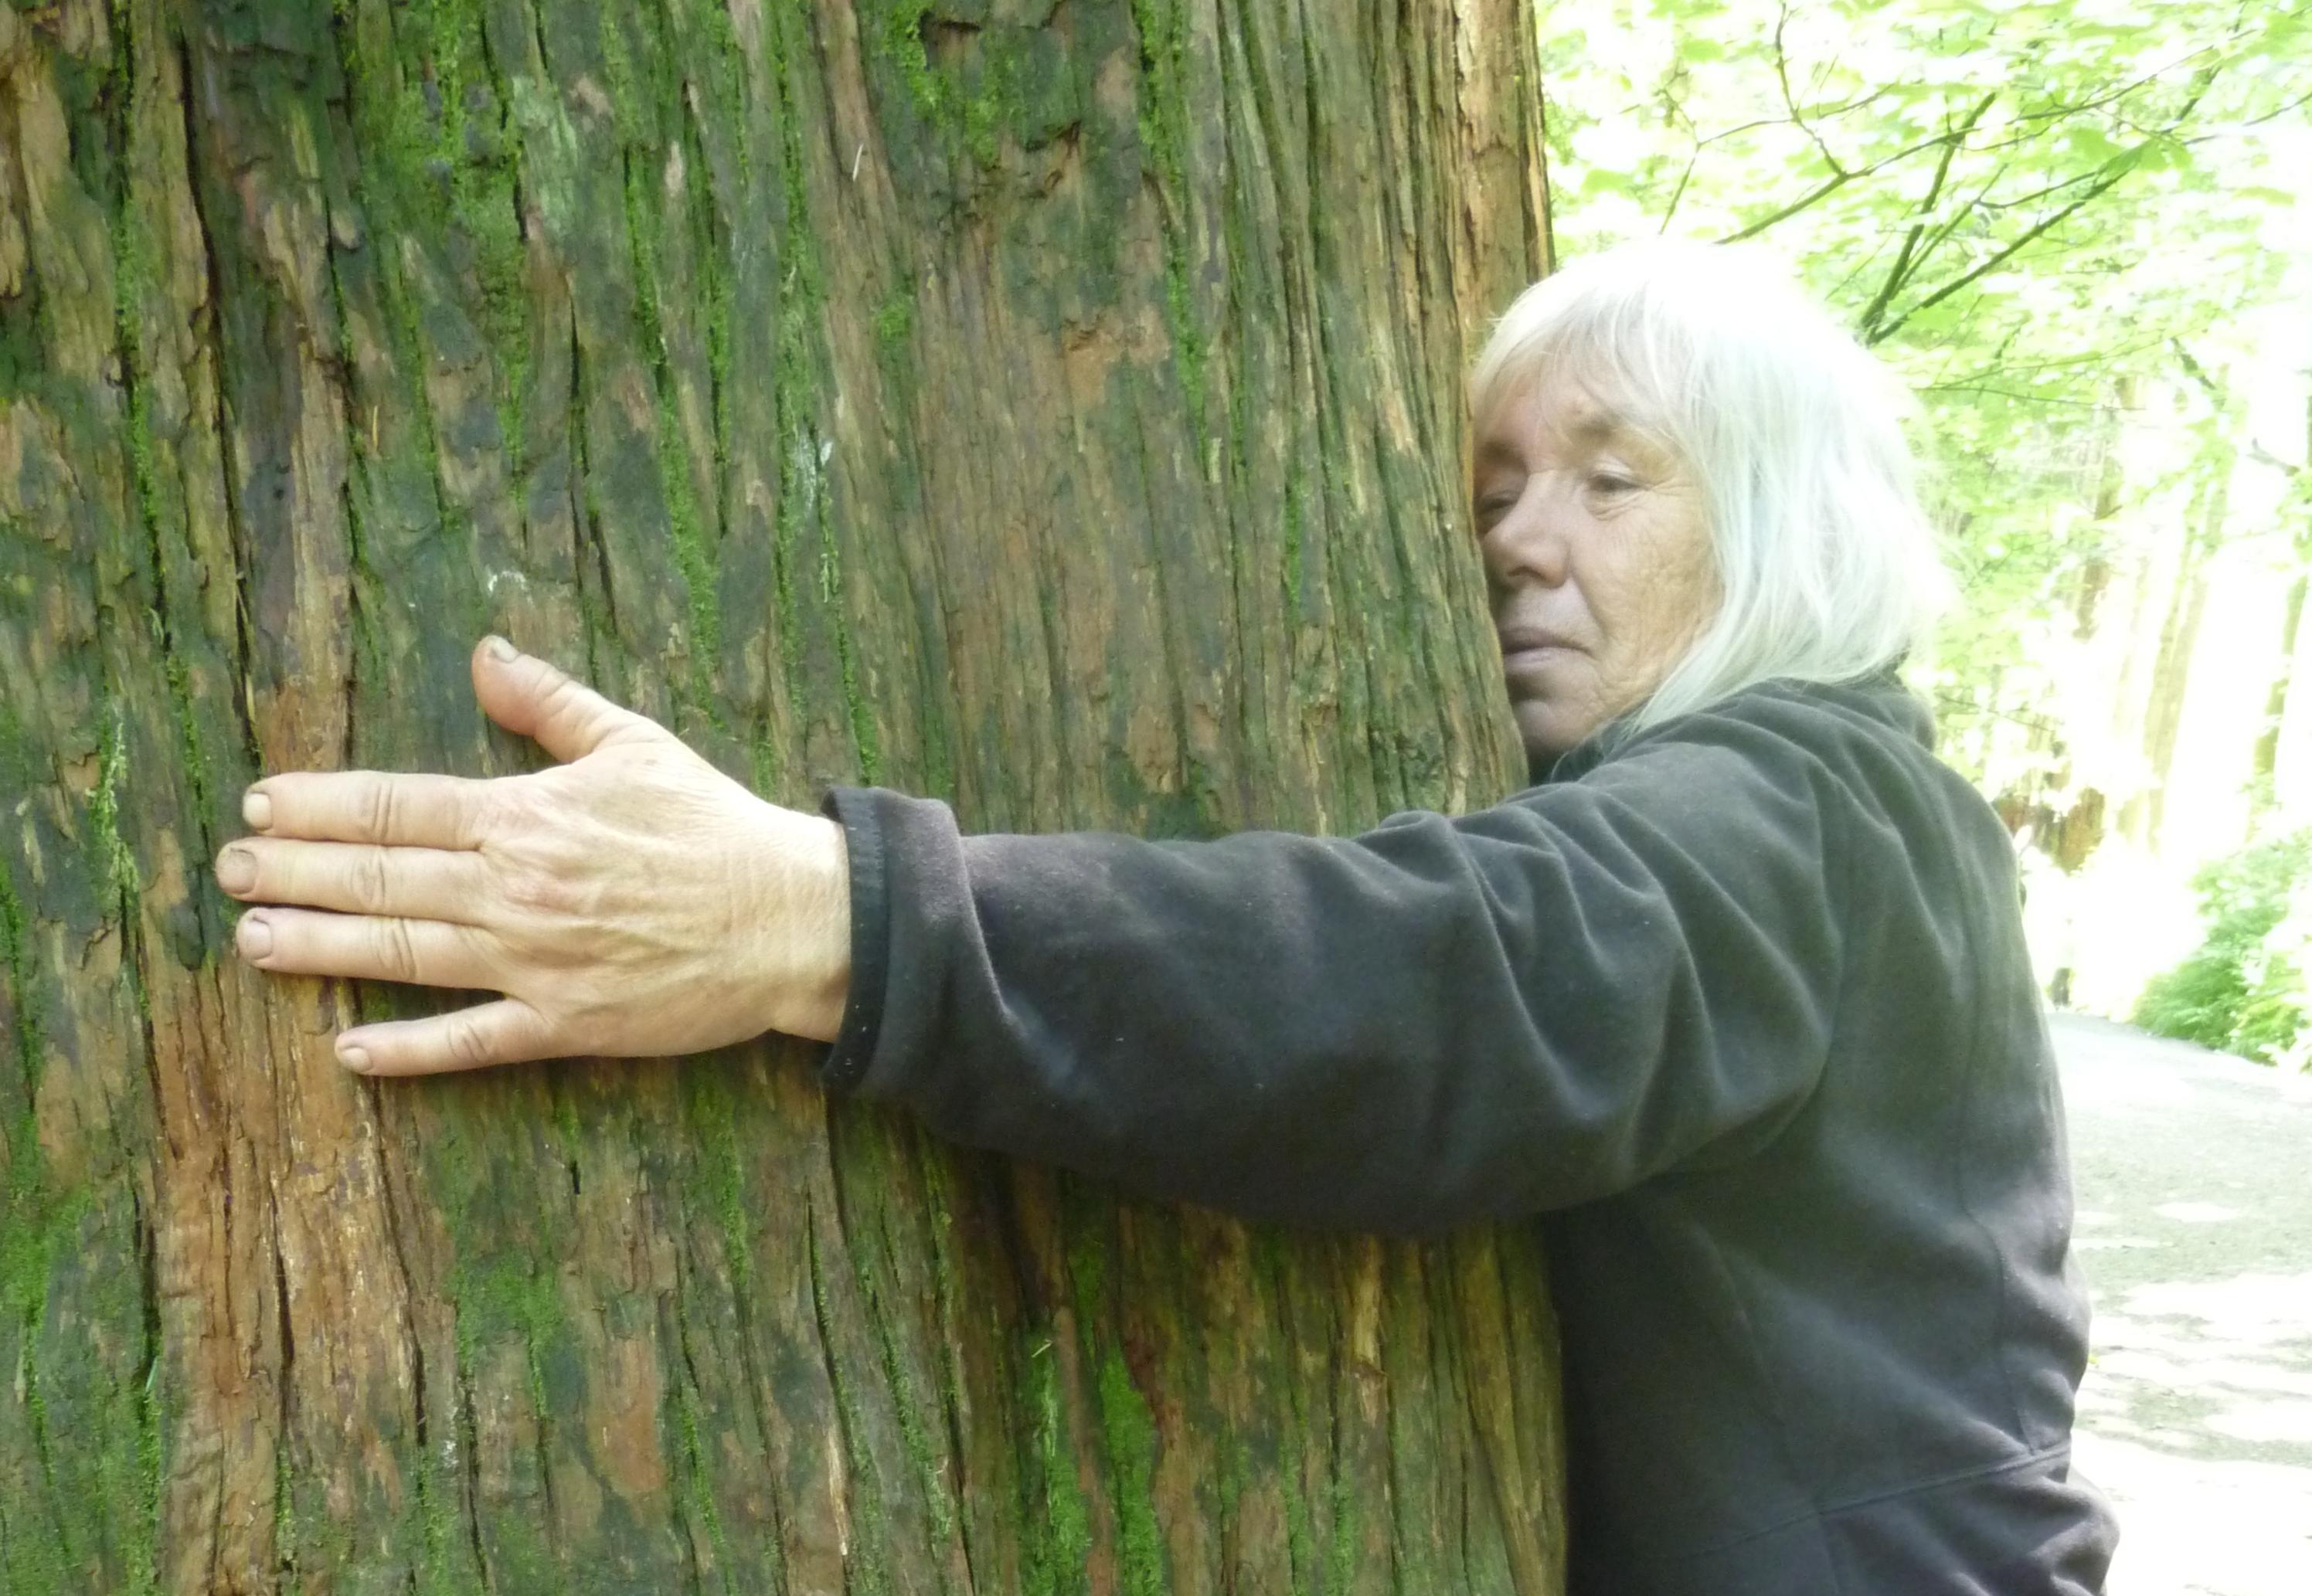 TREE HUG